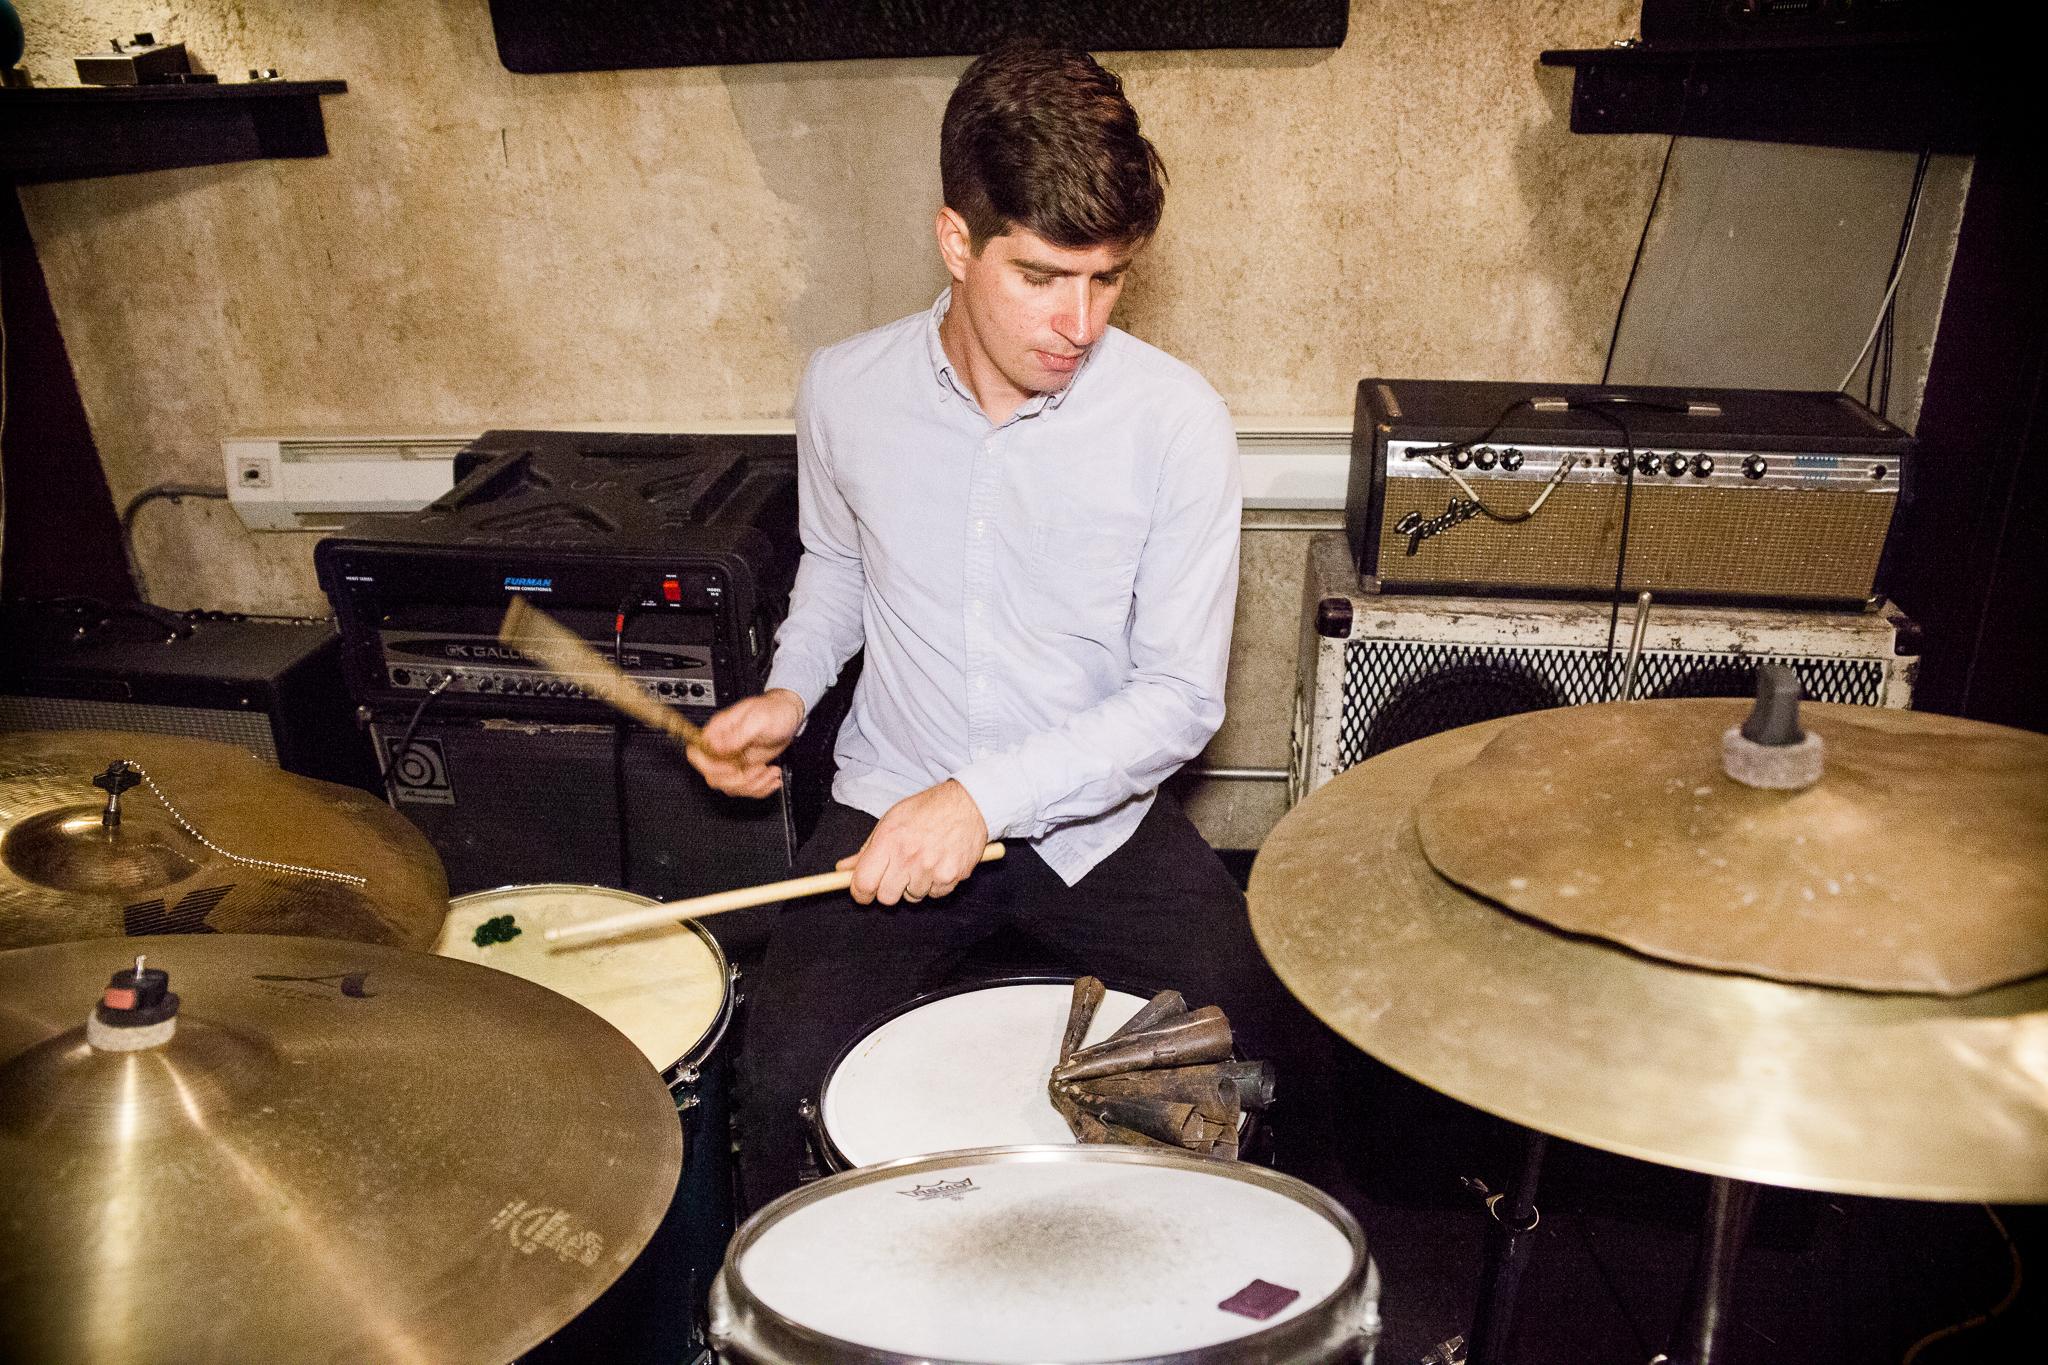 camuglia_frederick-trumpy_nyc-drums_0039_WEB.jpg